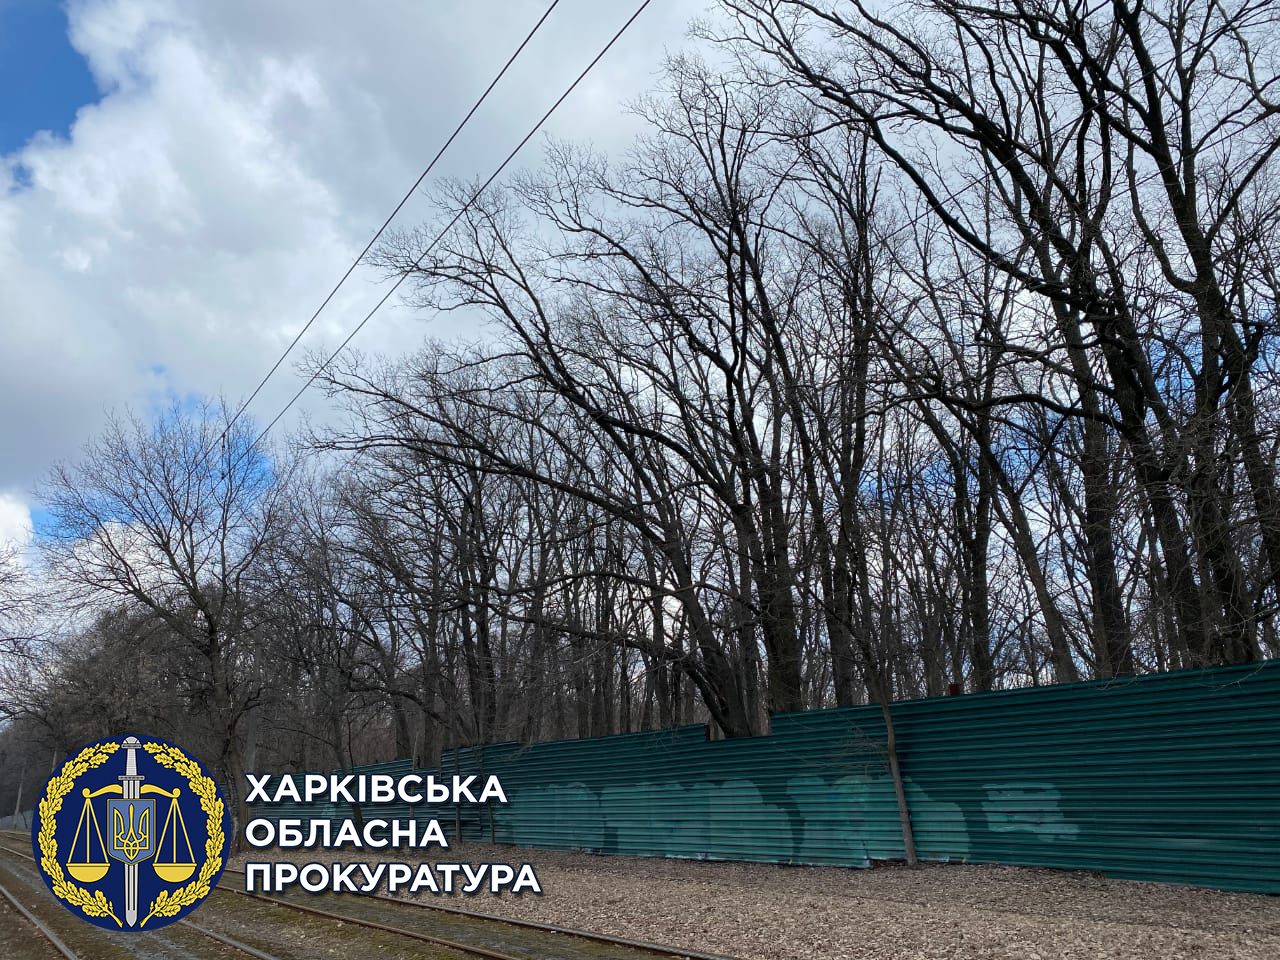 Суд удовлетворил иск прокуратуры о расторжении договора аренды земельного участка стоимостью свыше 450 млн грн